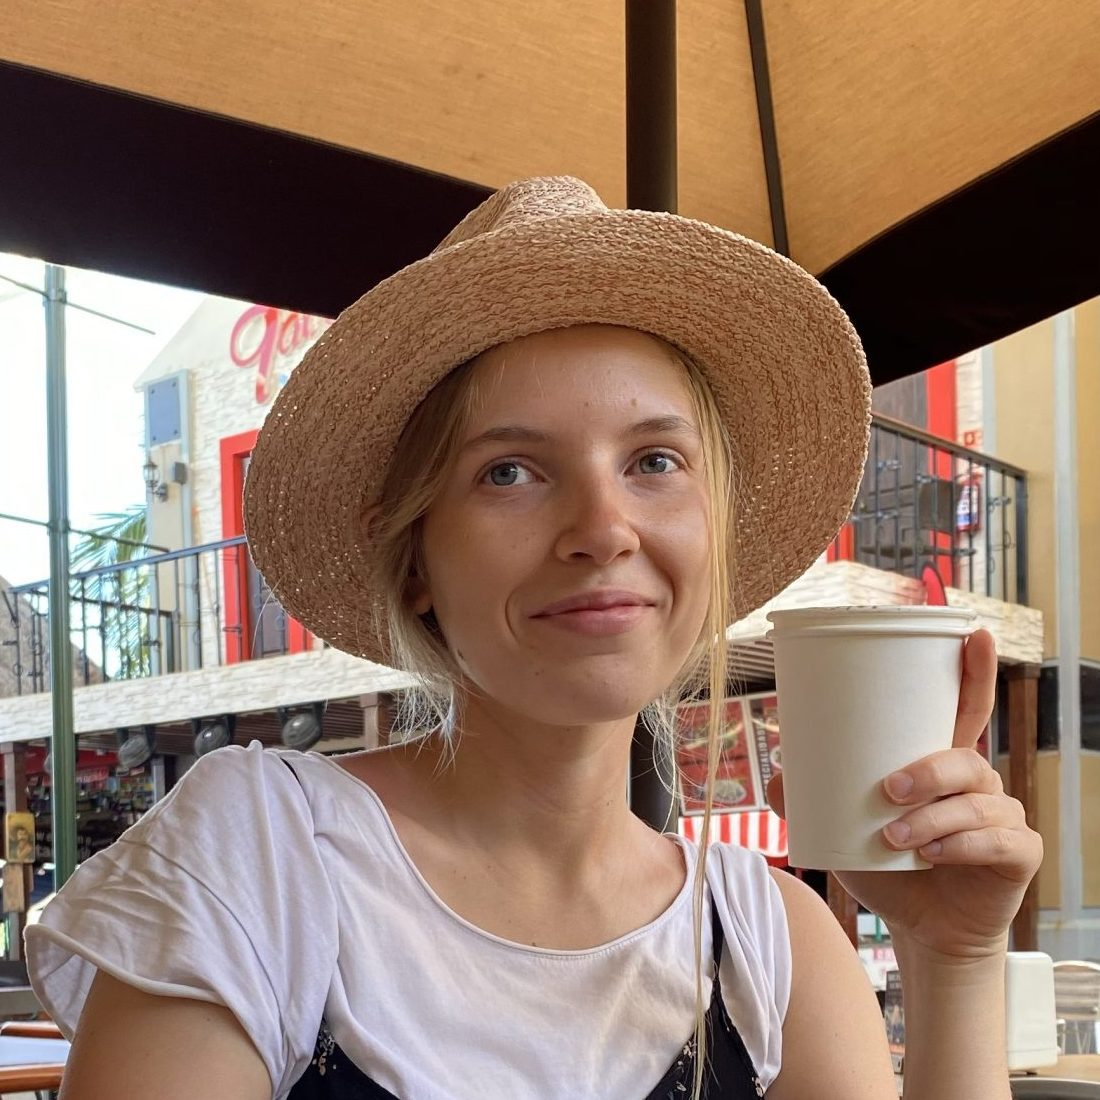 Из первых уст: туристка рассказывает, как отдыхала в Турции во время пандемии коронавирус,пандемия,Турция